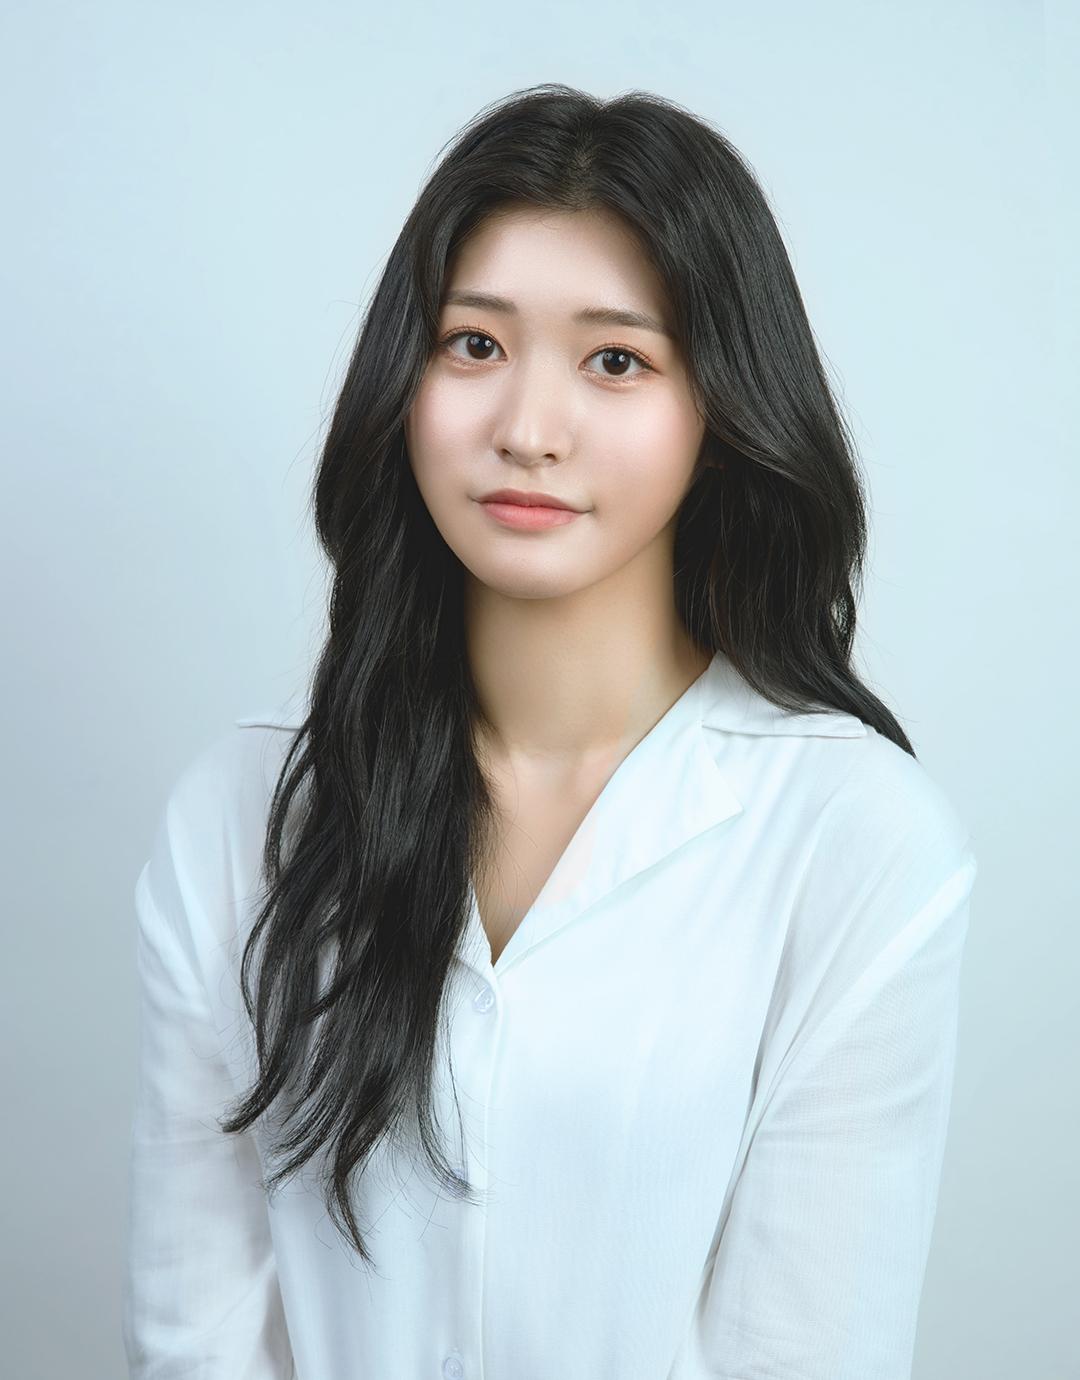 <br><h4>COLOR</h4> 50,000 won